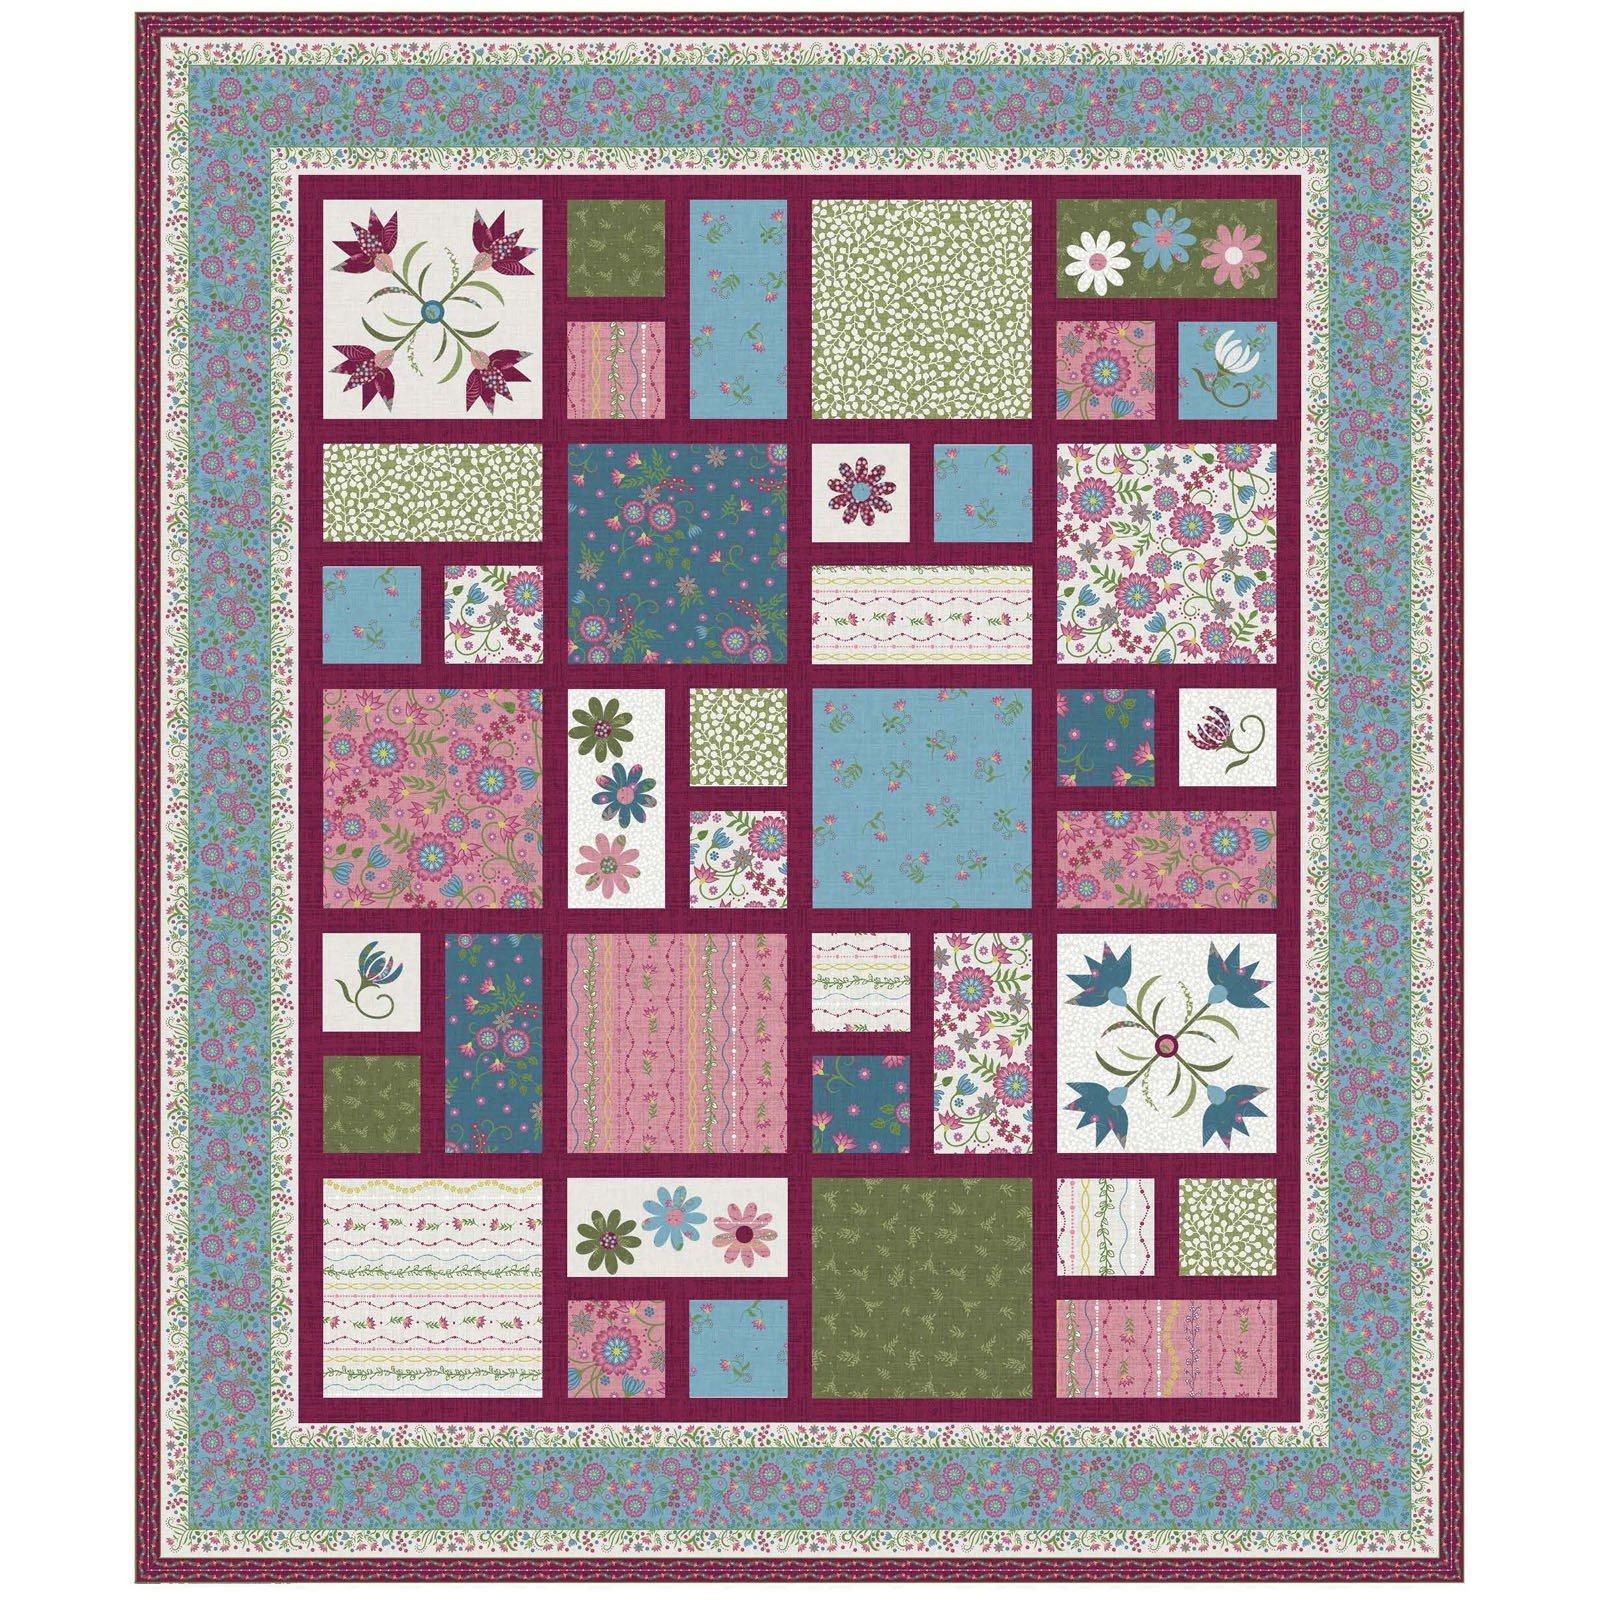 Flower and Vine quilt kit by Monique Jacobs for Maywood Studio KIT-MASFLV